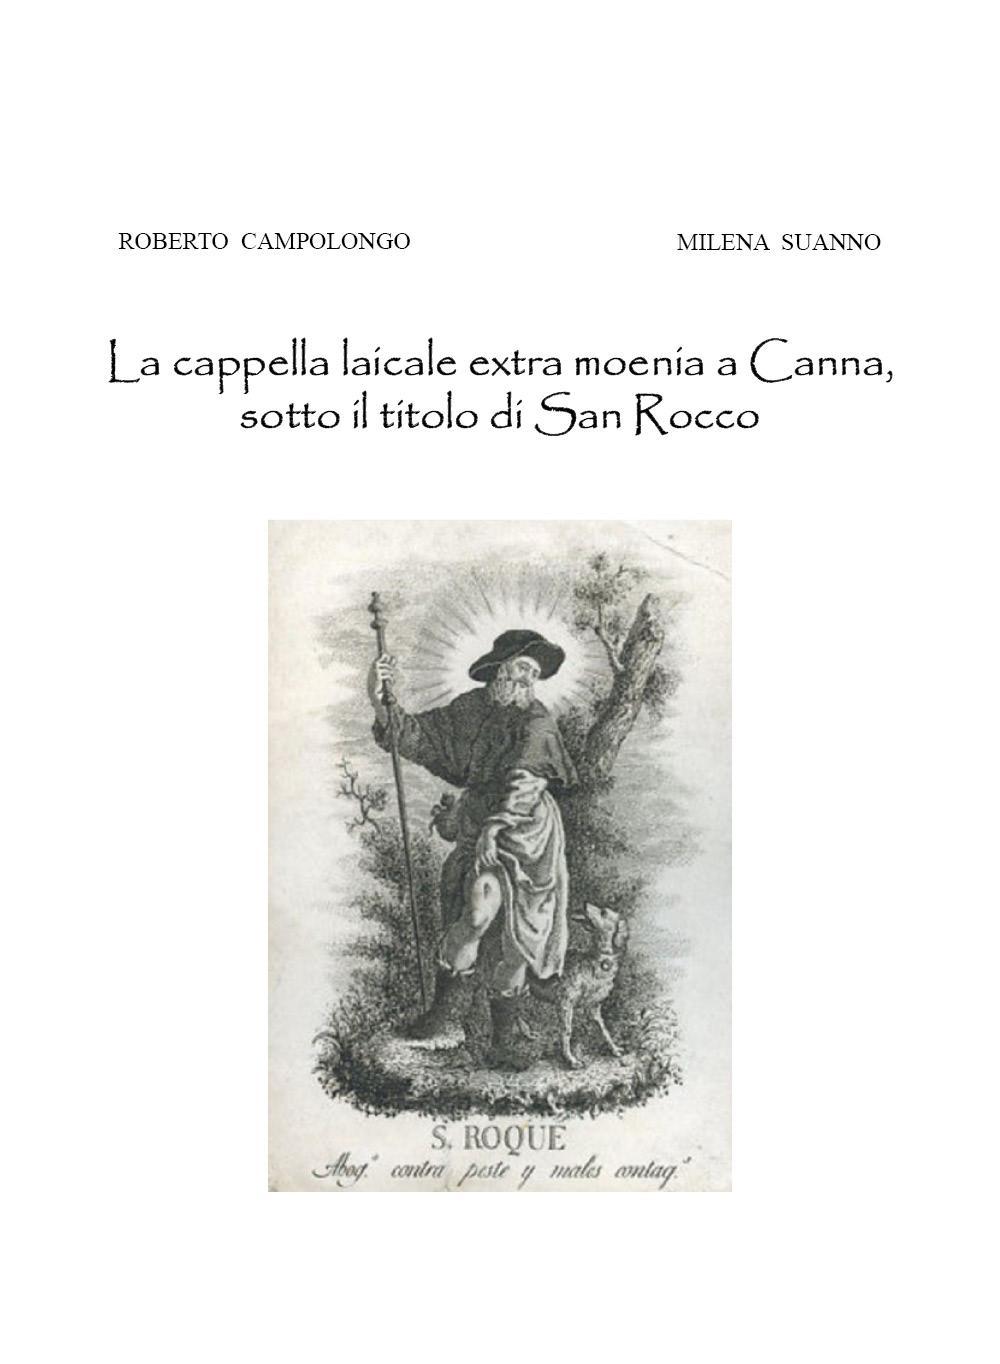 La cappella laicale extra moenia a Canna, sotto il titolo di San Rocco